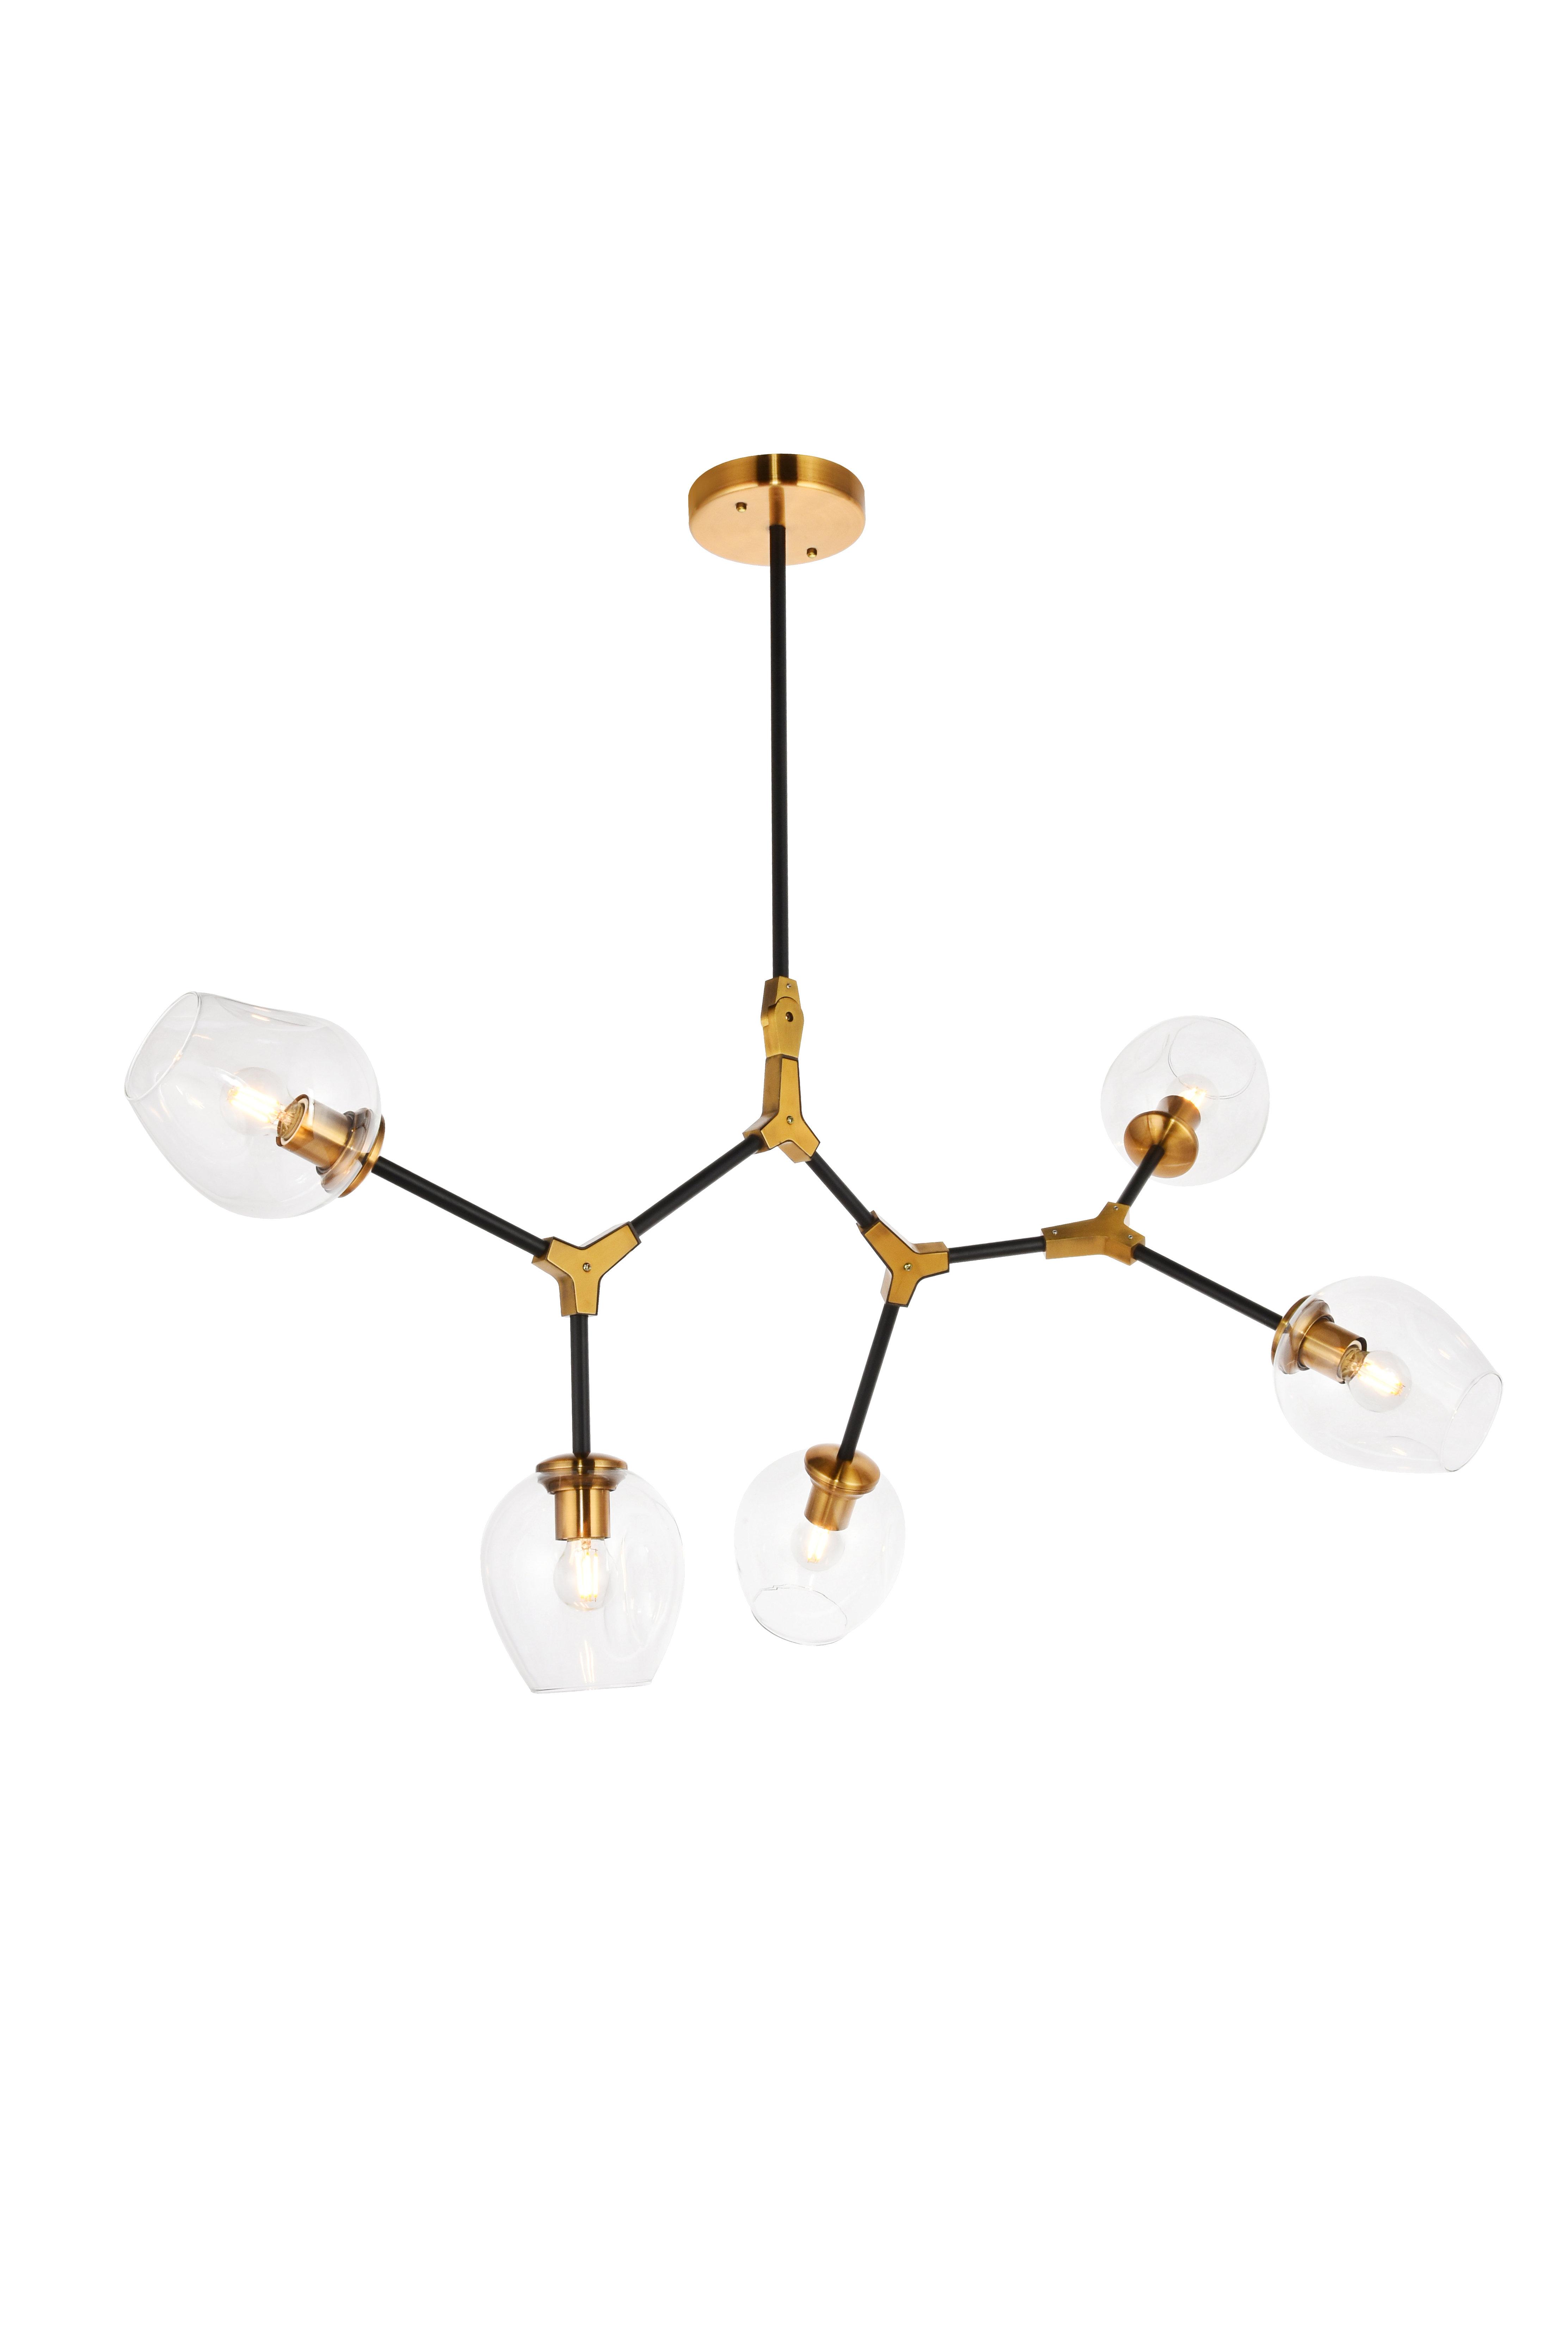 Ulrey 5 Light Sputnik Modern Linear Chandelier Reviews Joss Main